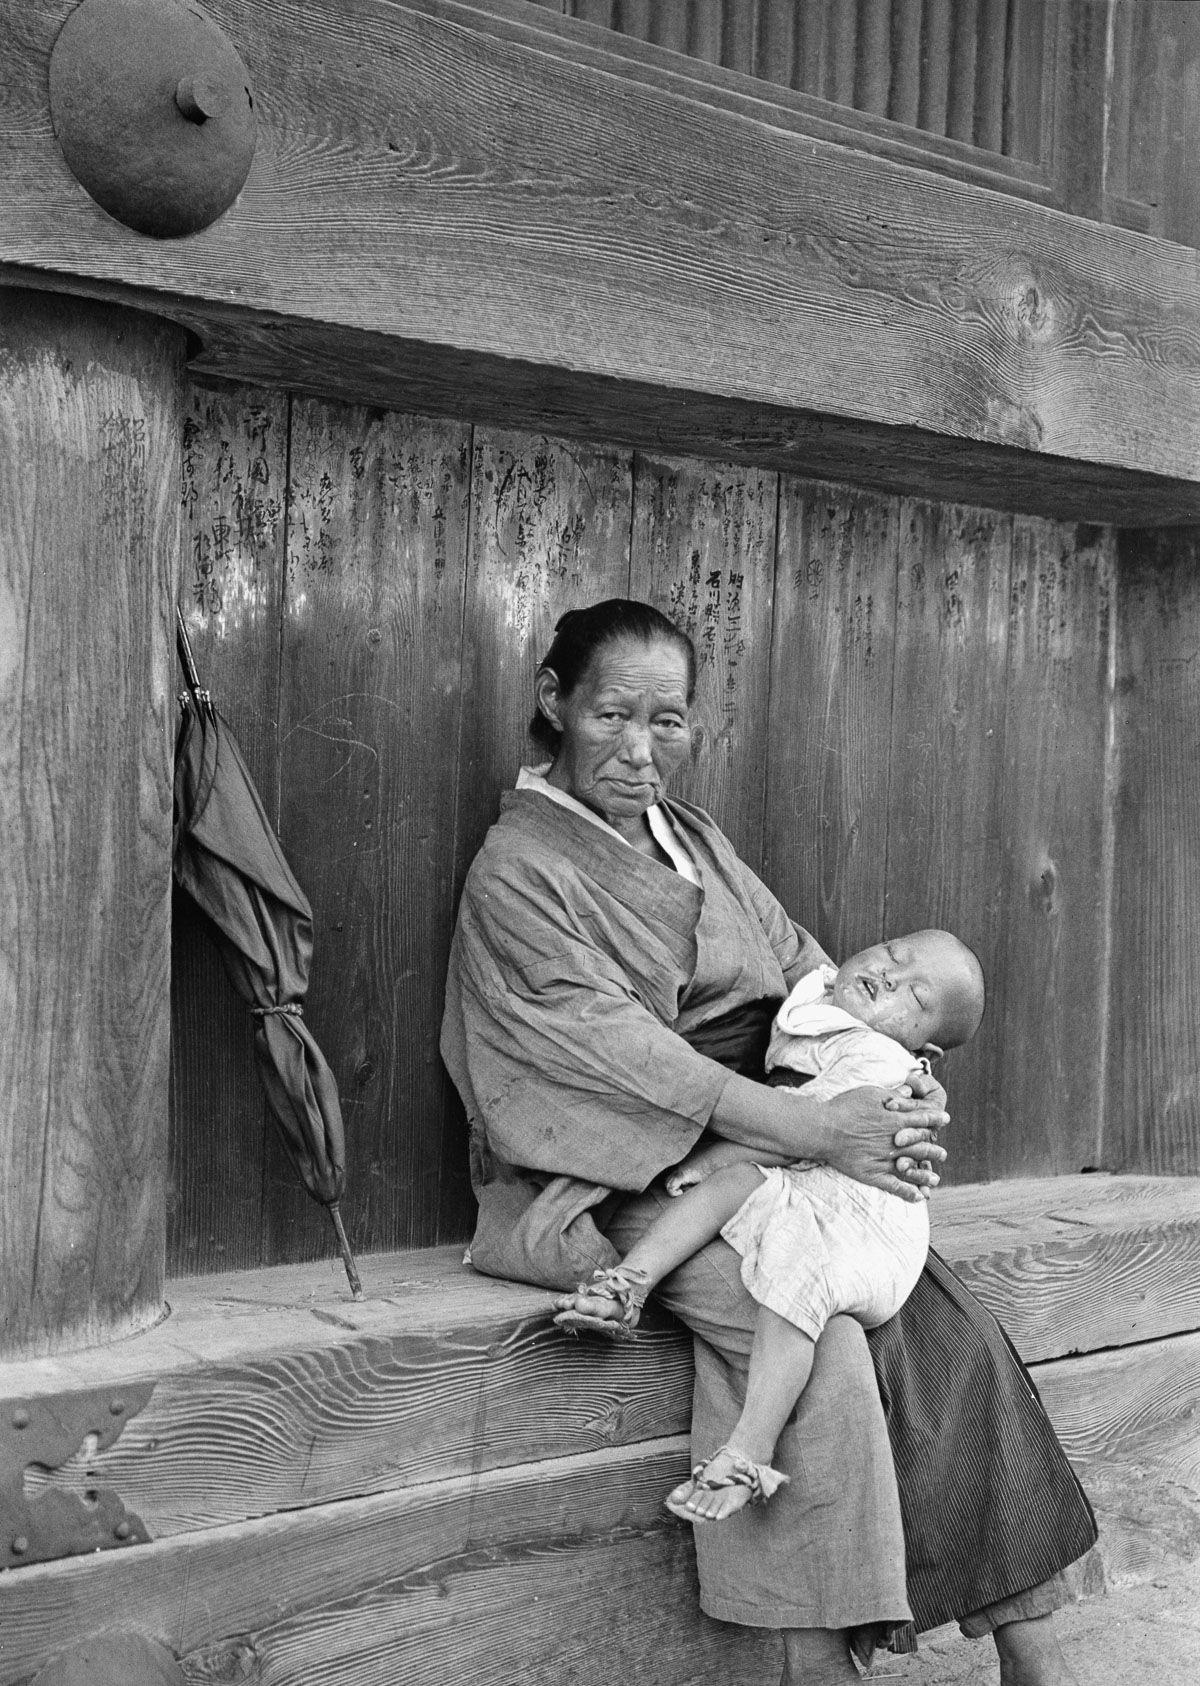 Yaponiya istoricheskie foto Arnold Dzhente 33